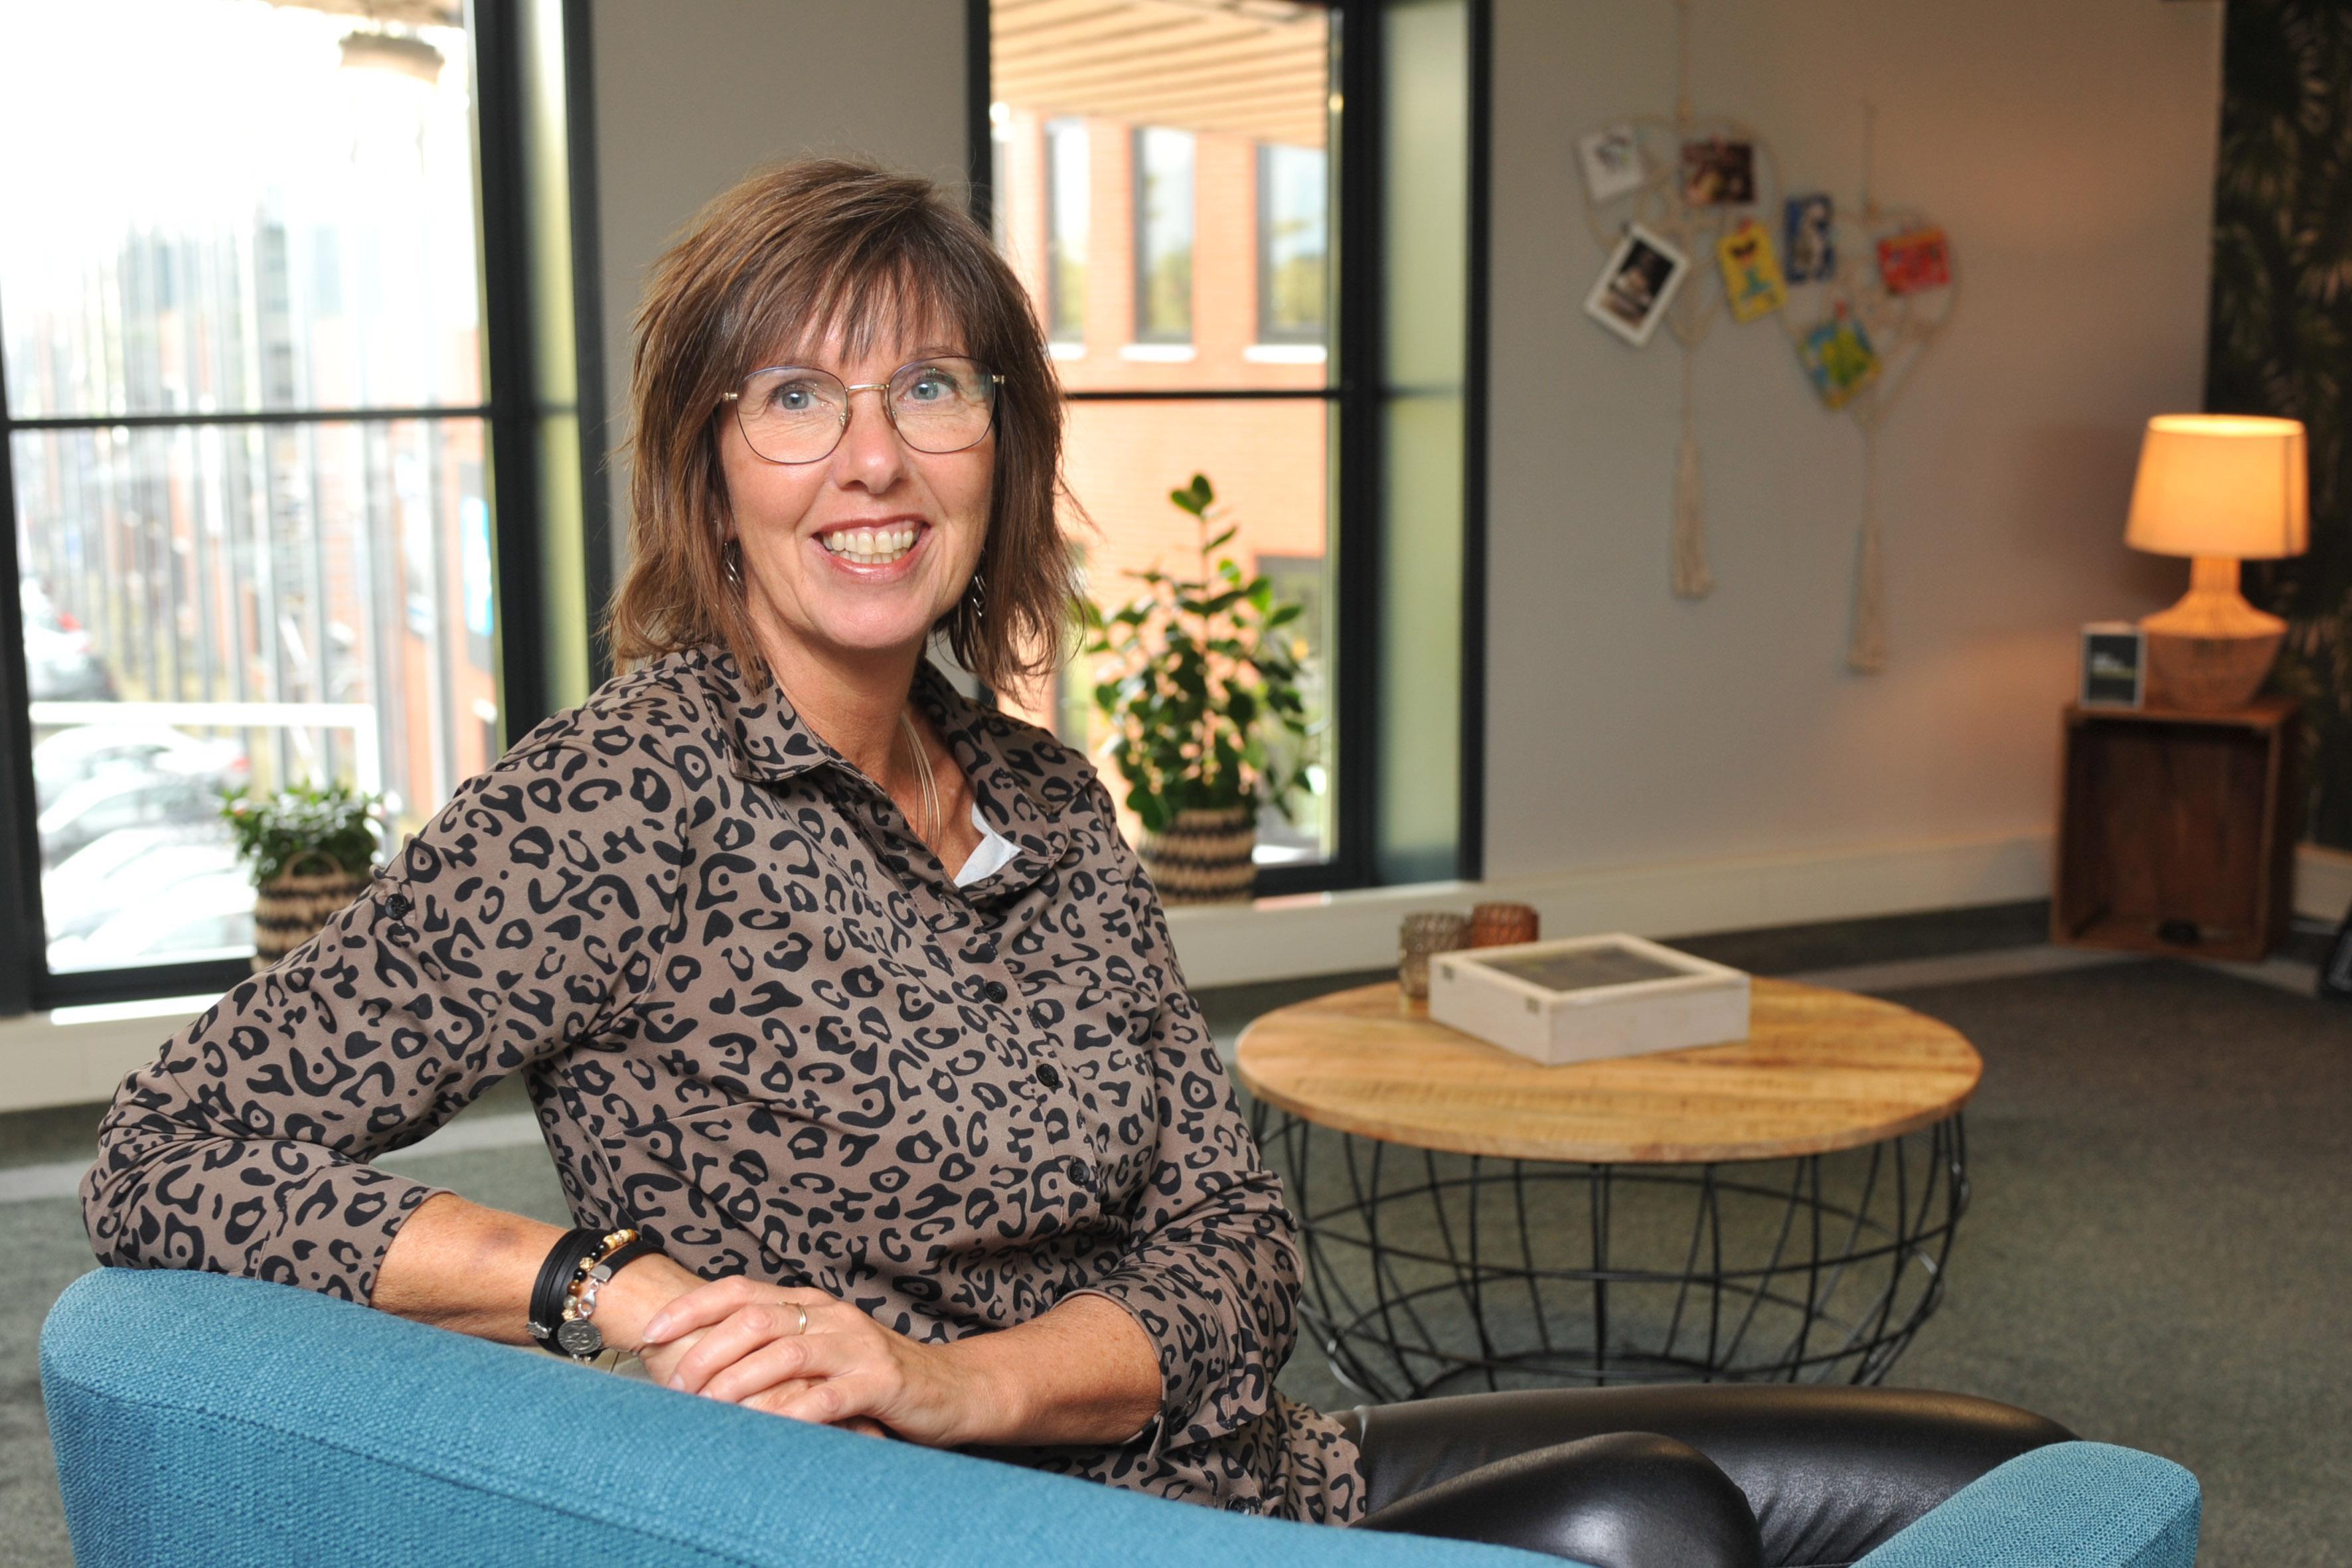 Mensen met een burn-out moeten sporten? Nee, vindt therapeute Miriam Dijst uit Heemskerk. 'Veel rusten is belangrijk in combinatie met de opdrachten die ik hen meegeef'